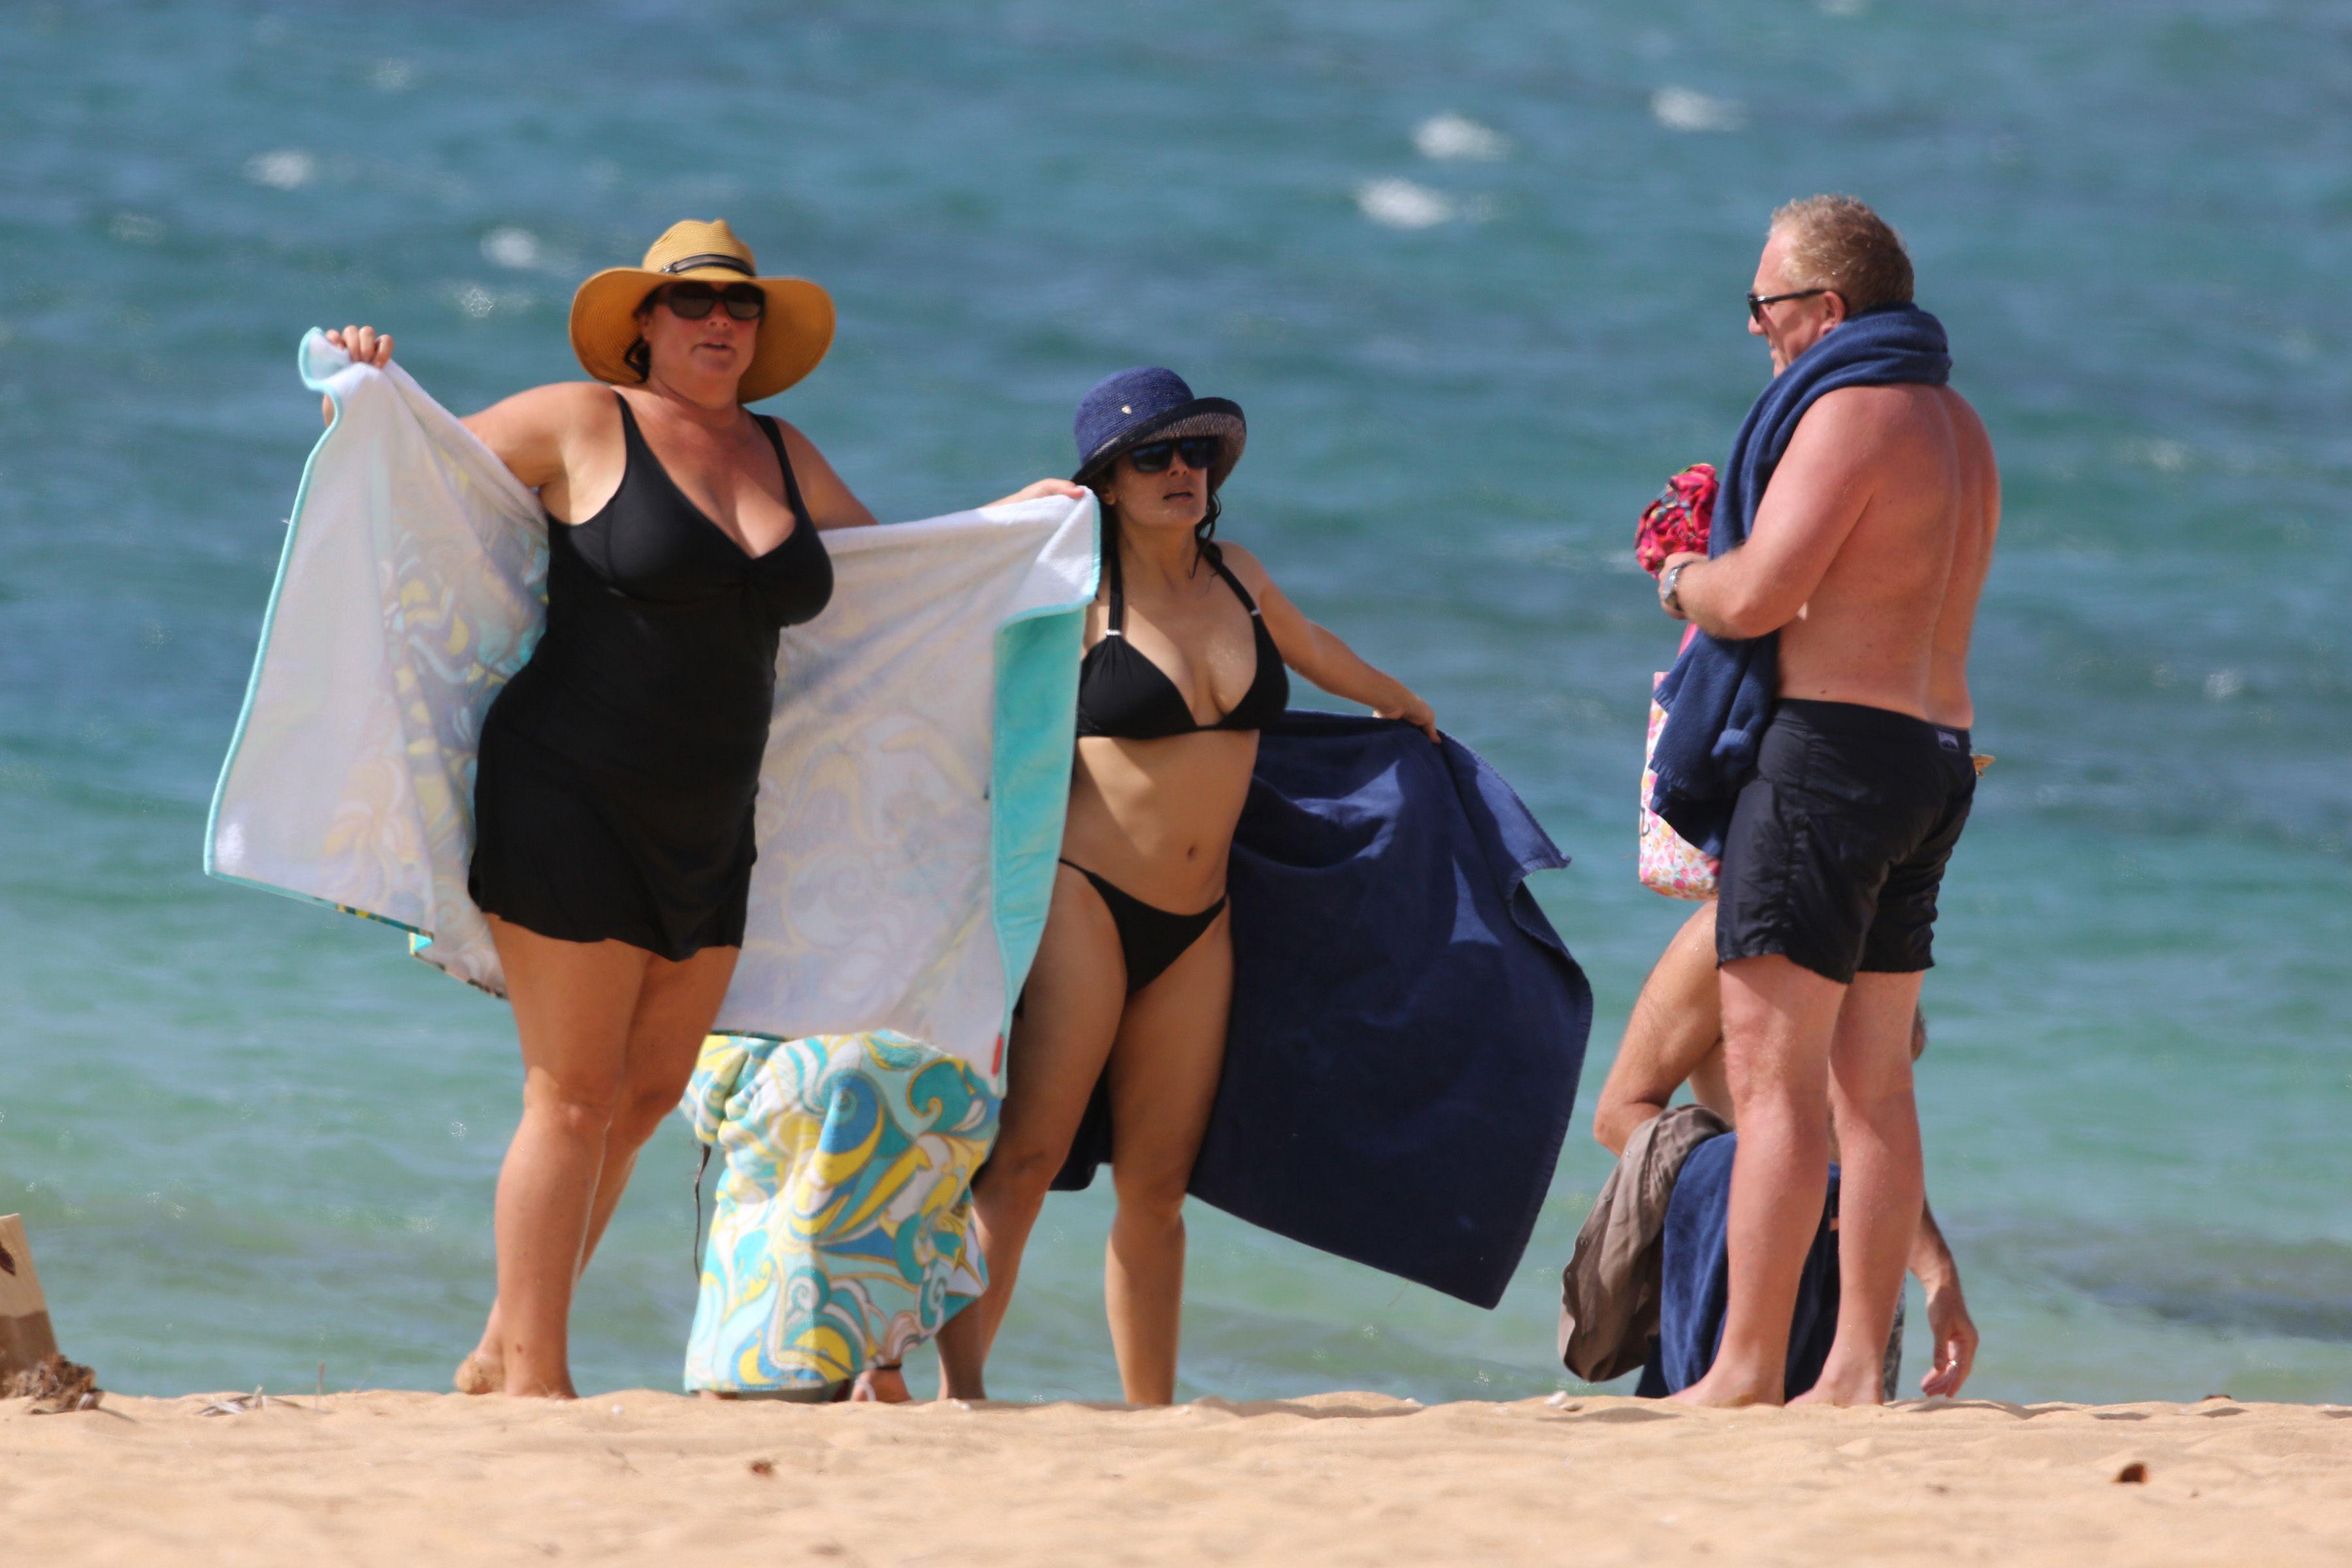 bikini hayek photo salma